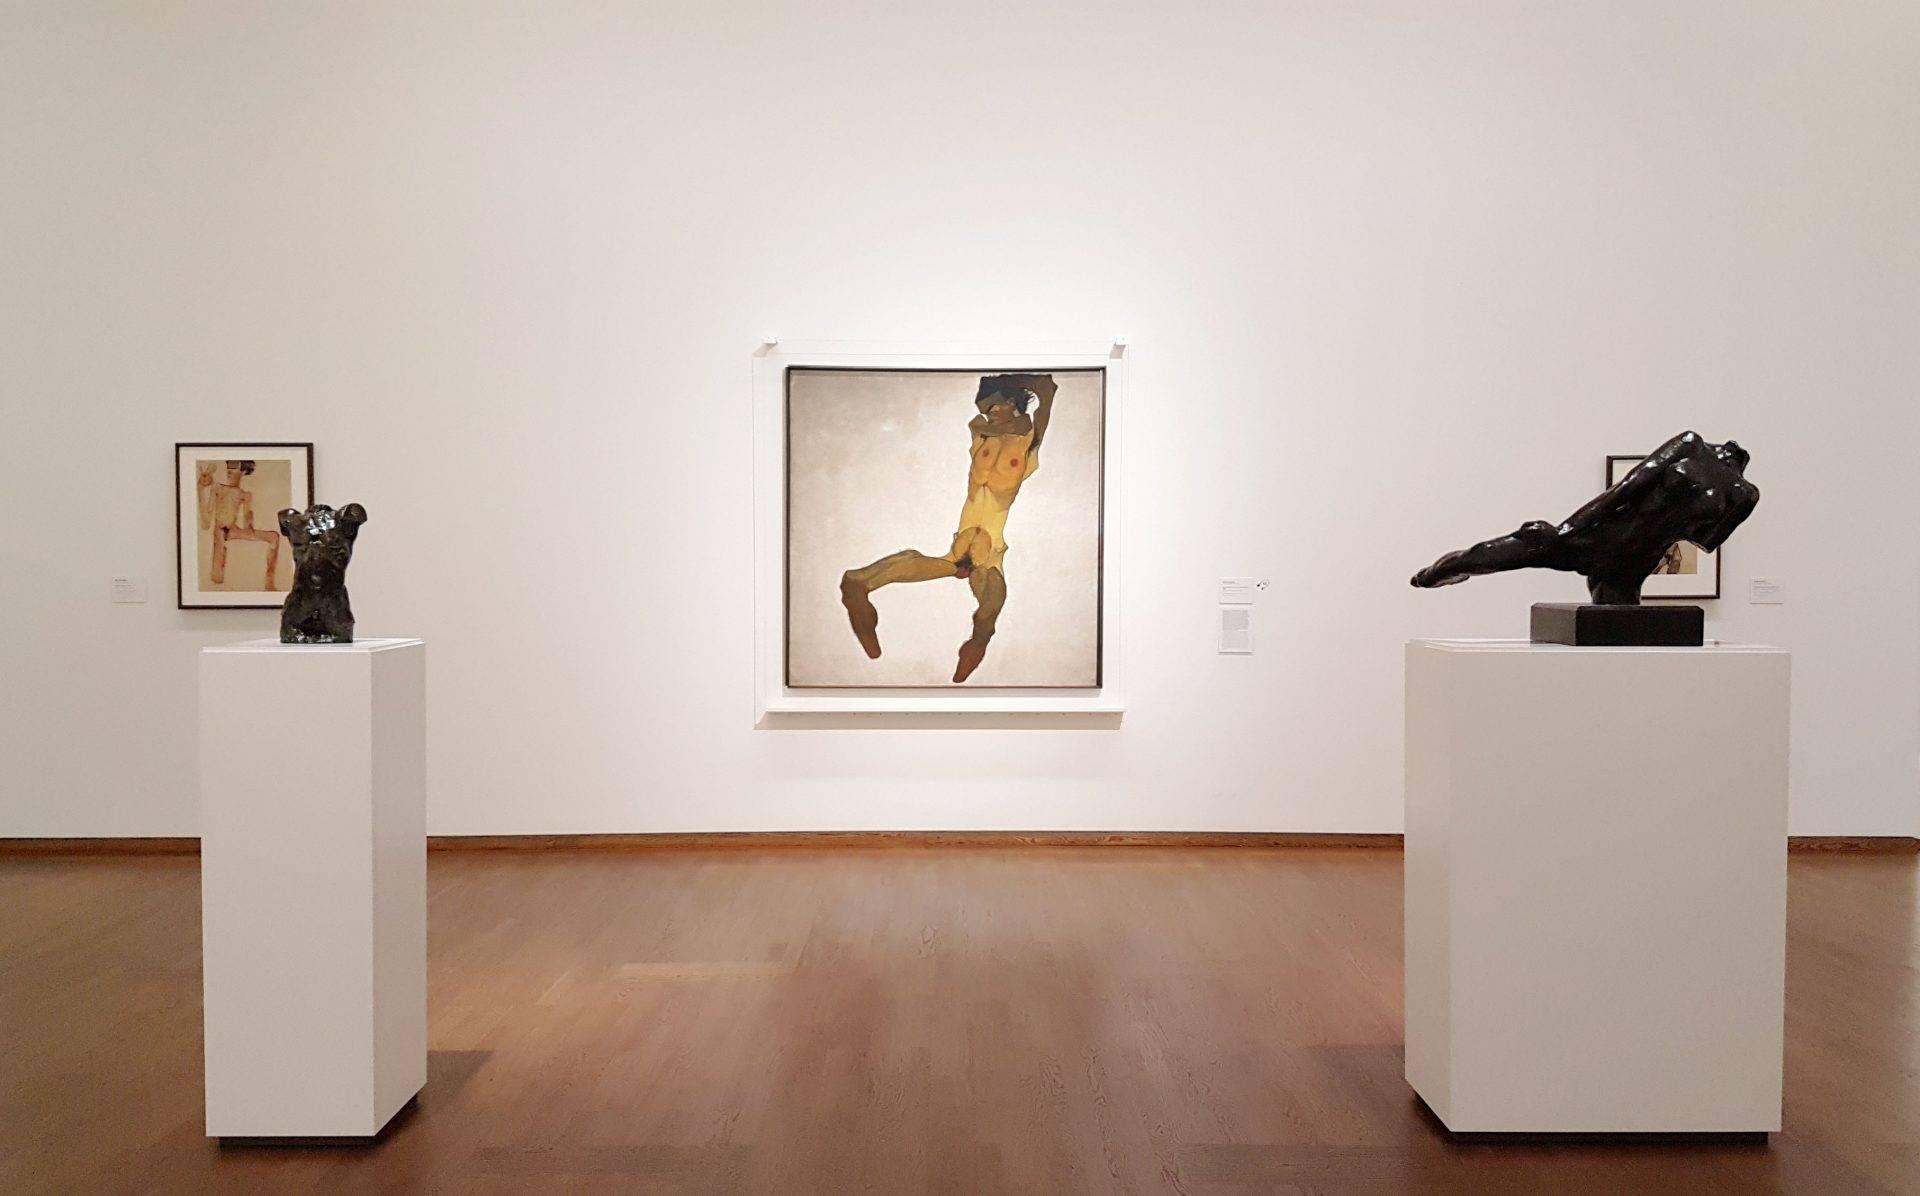 Музей Леопольда шиле автопортрет роден